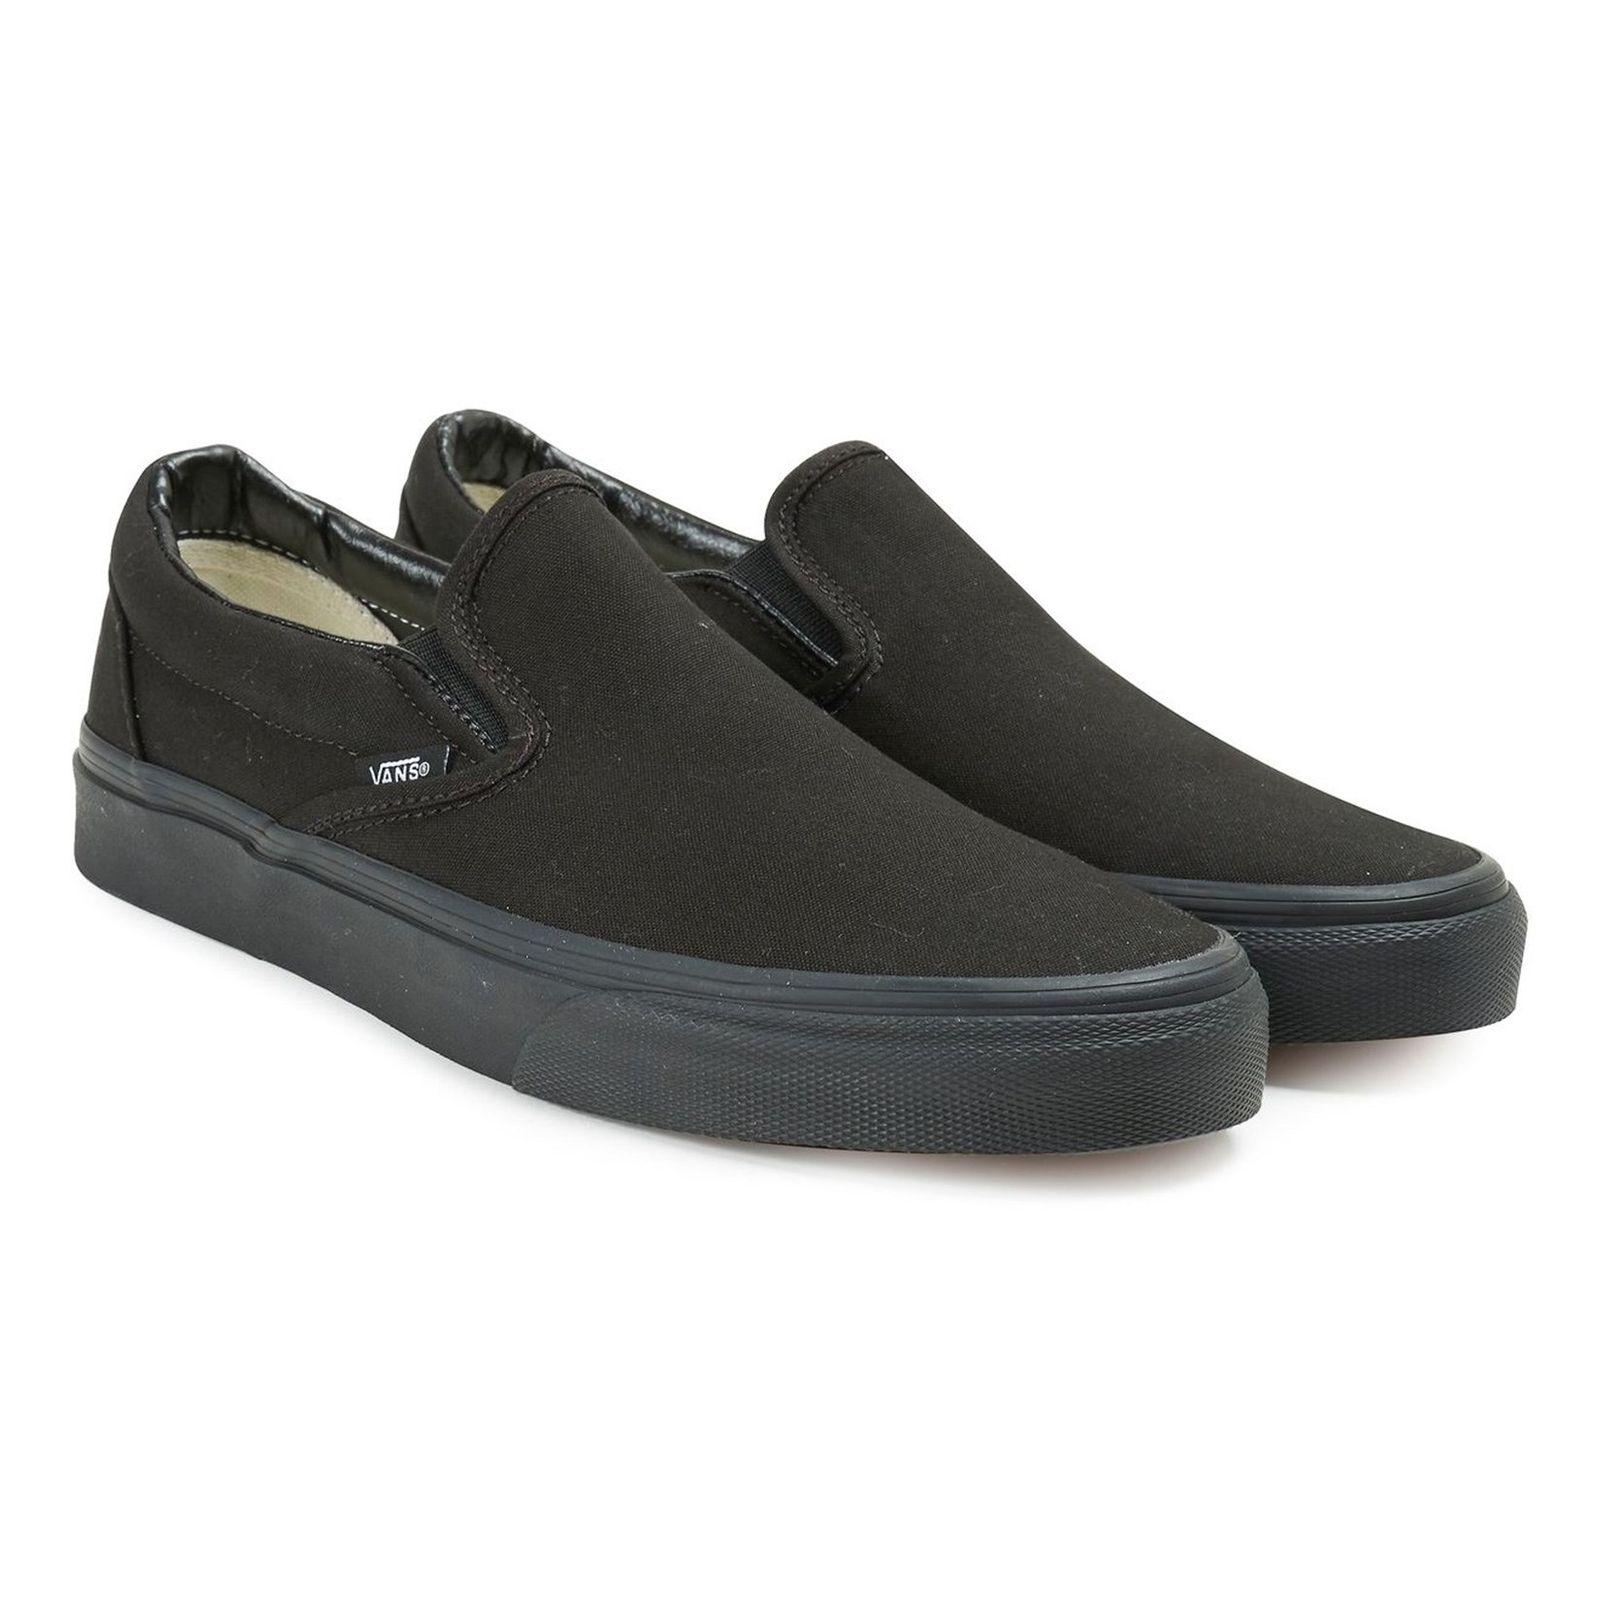 کفش راحتی مردانه Classic Slip On - ونس - مشکي  - 4